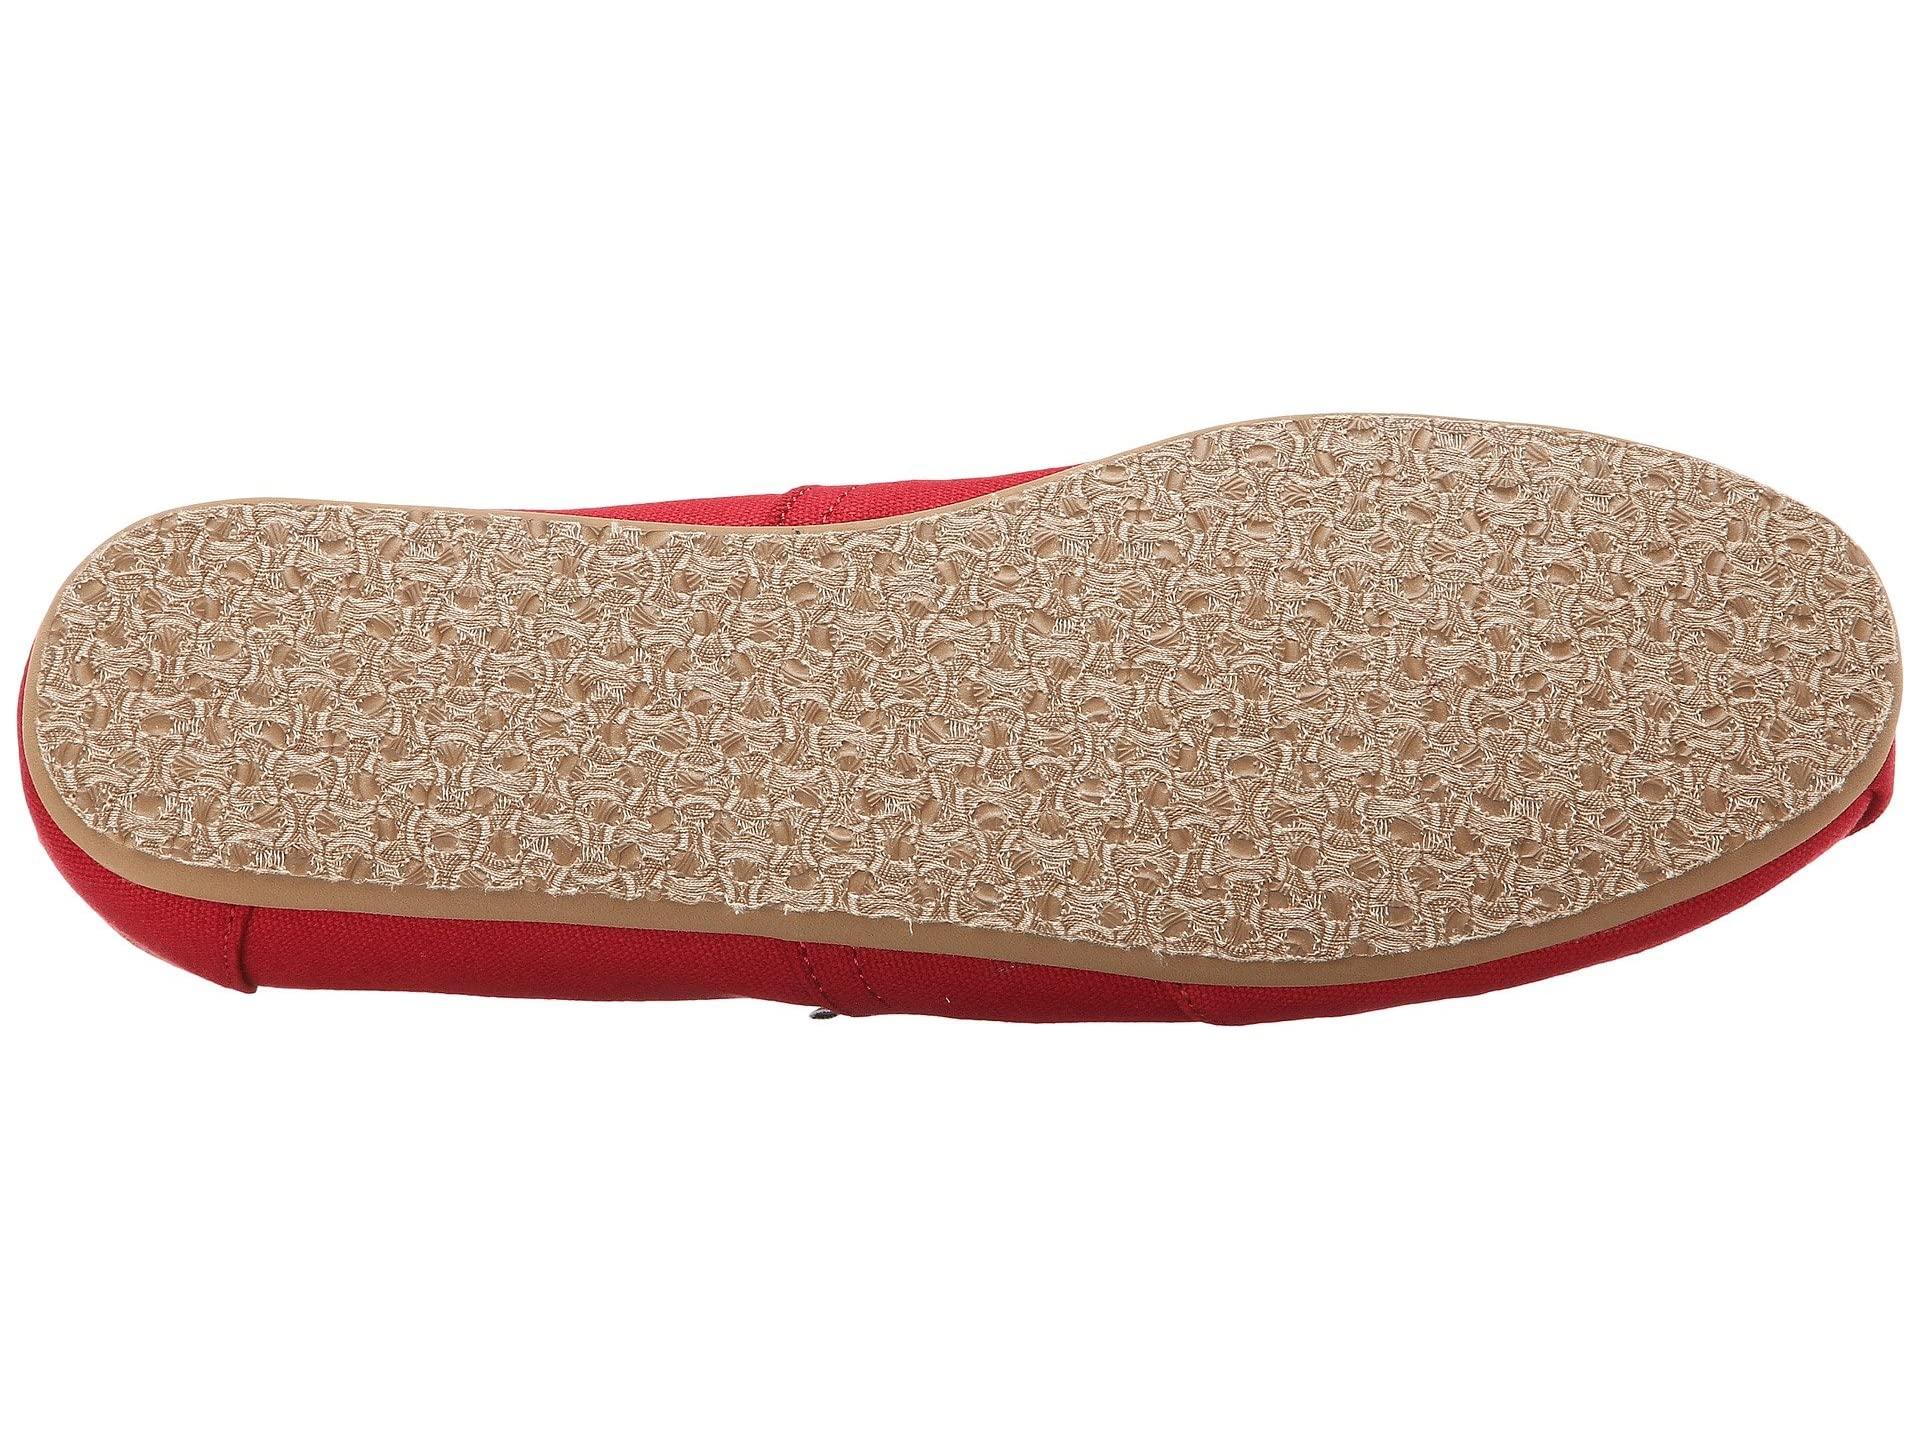 thumbnail 32 - TOMS Women's Classic Alpargata Slip On Shoes